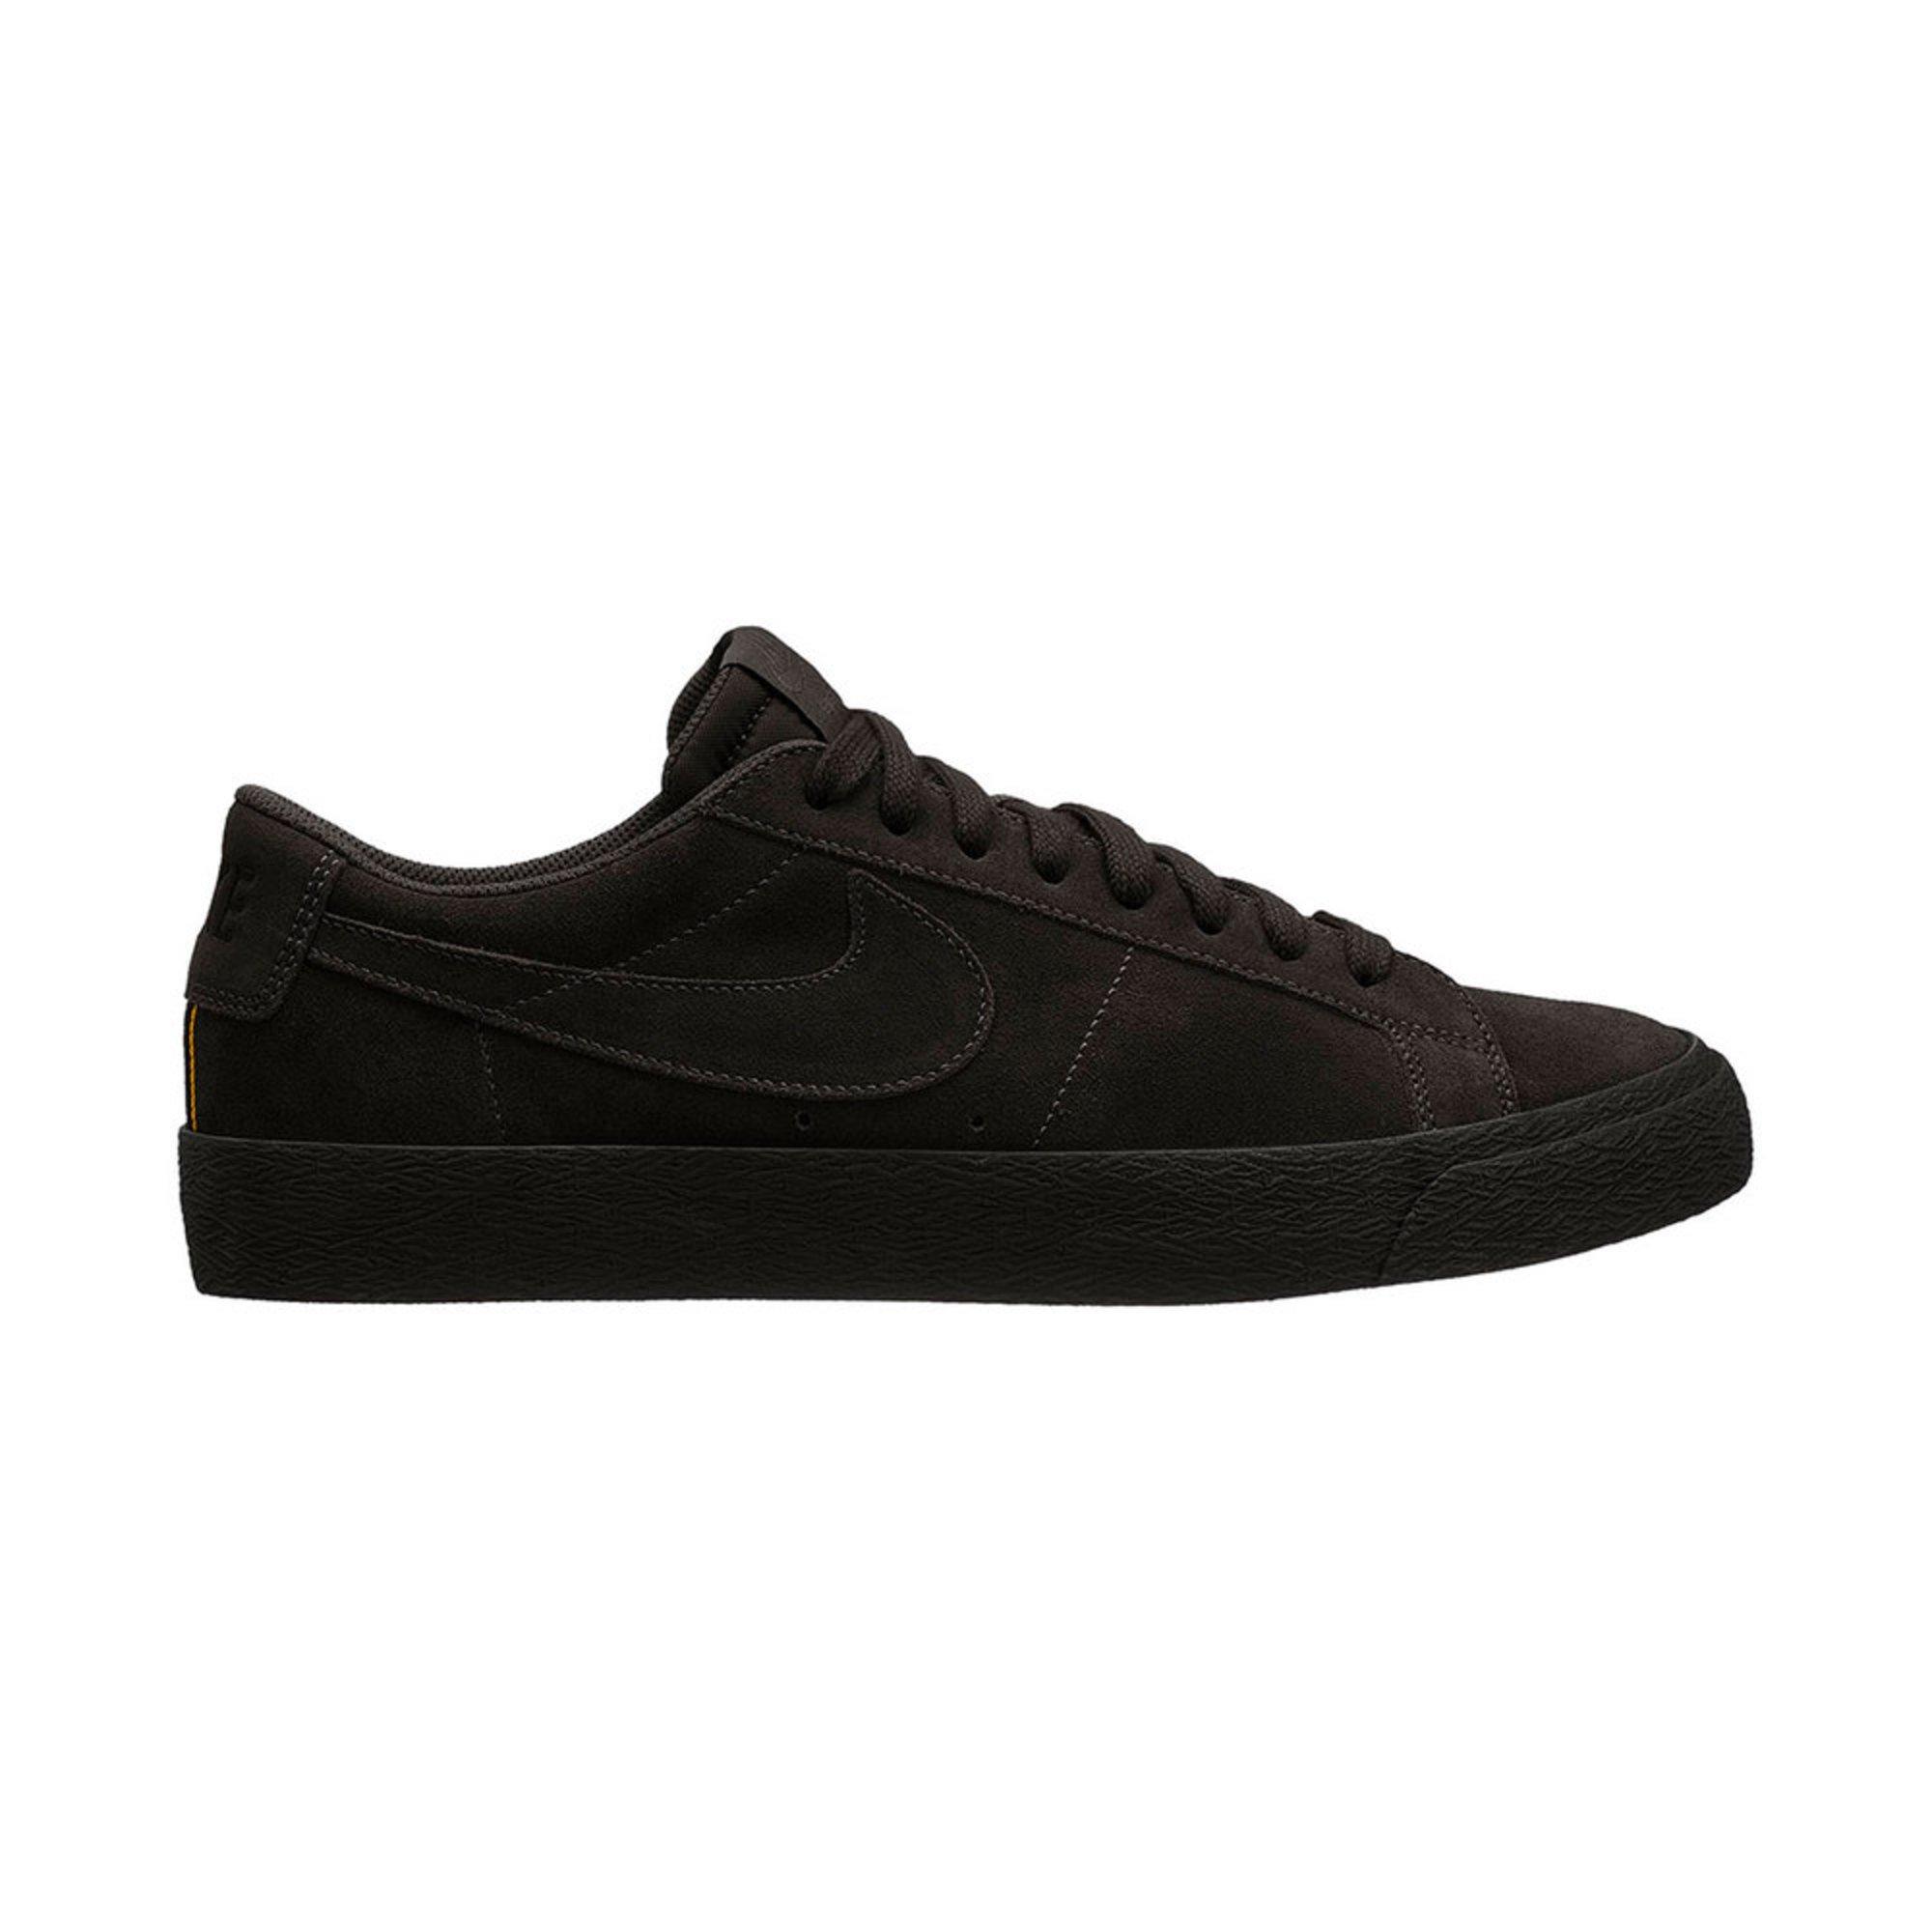 d5d564e16741 Nike SB. Nike SB Men s Zoom Blazer Low Skate Shoe